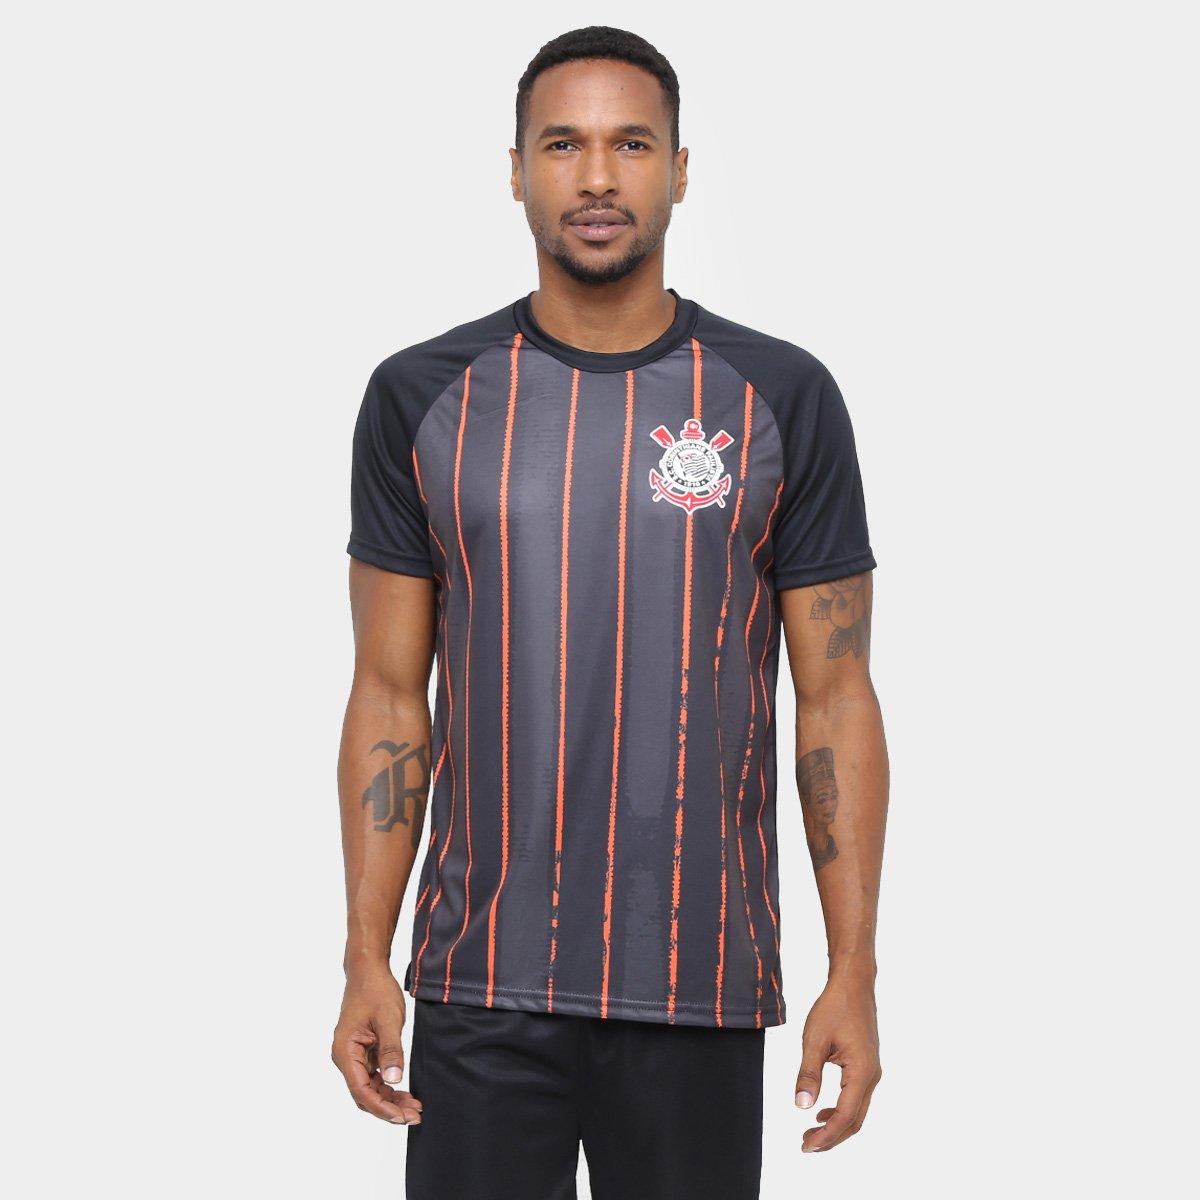 c6ac4013a Camiseta Corinthians Terrão Listras Masculina - Compre Agora